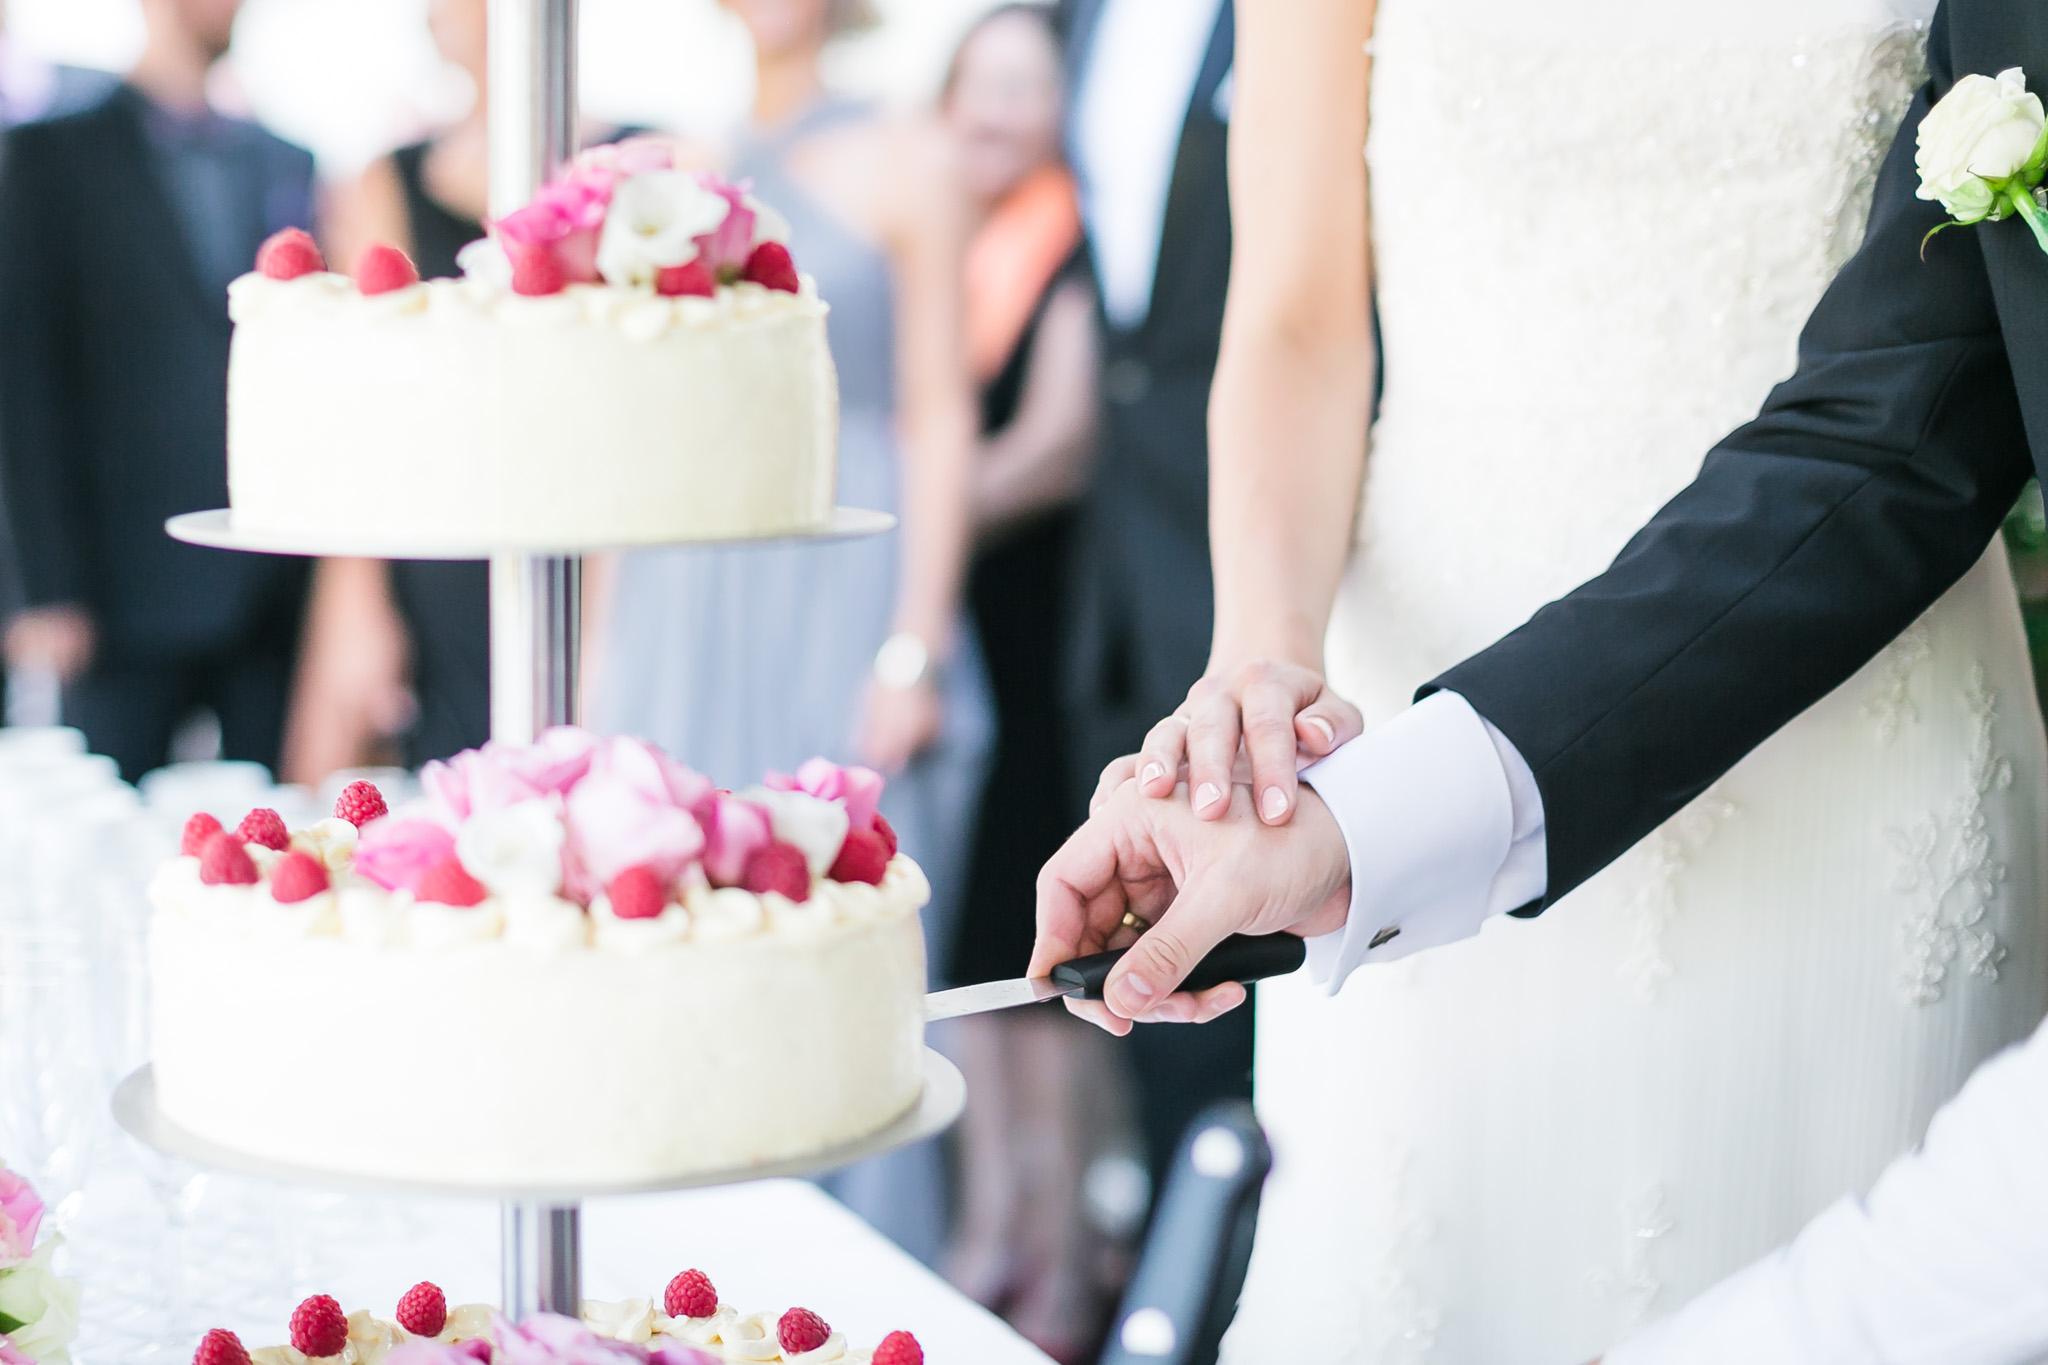 554d0b16 Mit første gode råd er derfor at skære bryllupskage og sætte gang i  receptionen inden I får taget jeres portrætbilleder. Så er jeres gæster  underholdt, ...